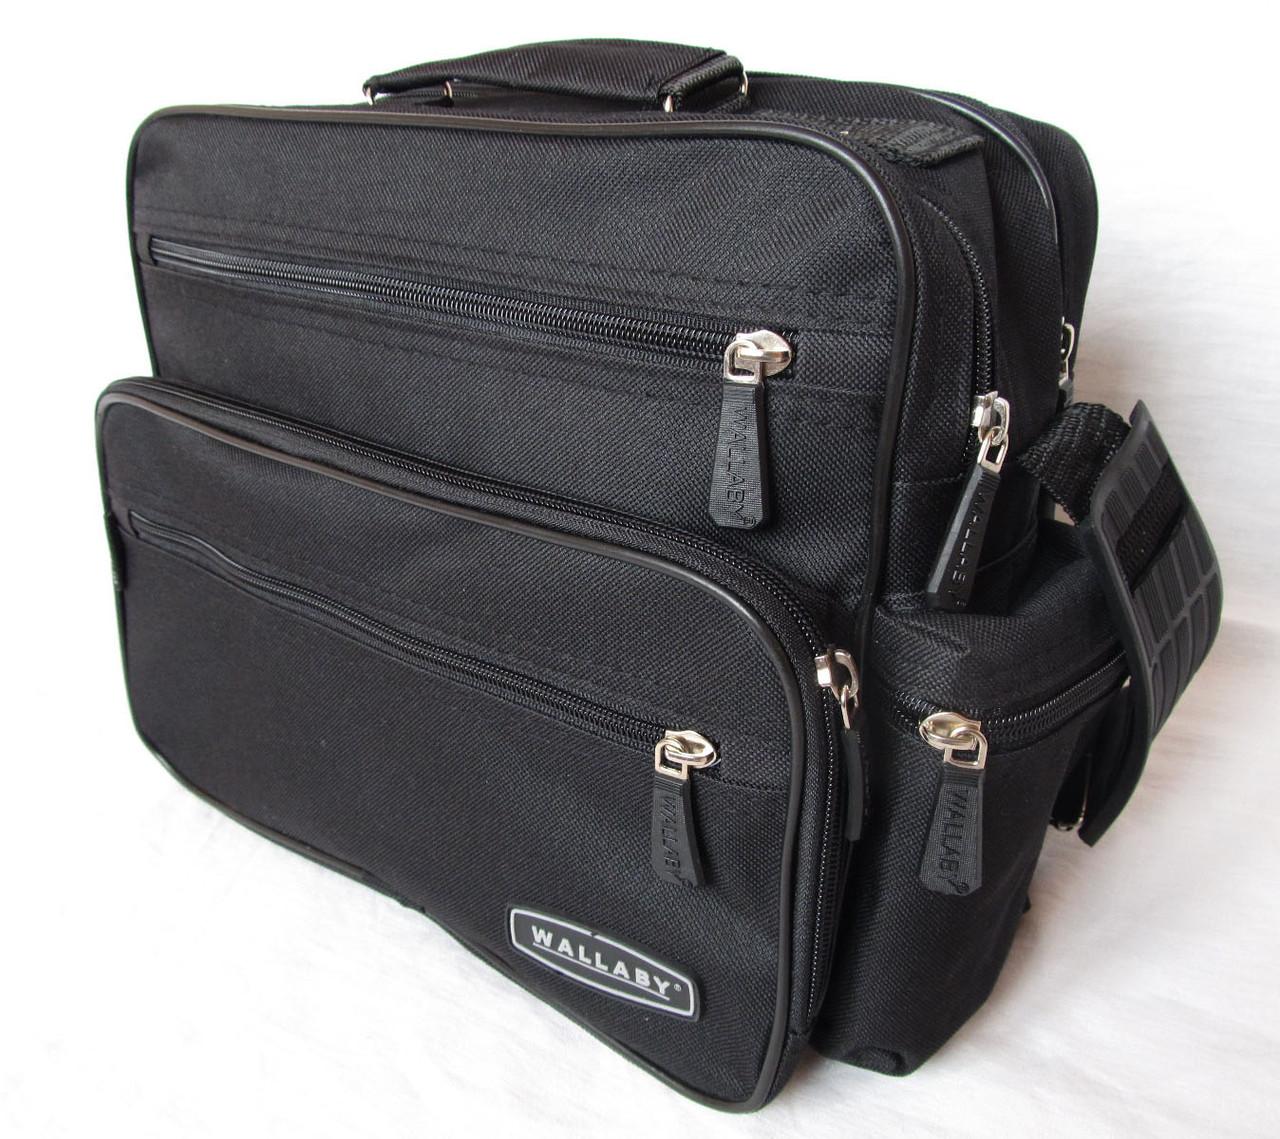 bc41d5a769f2 Мужская сумка Wallaby 2440 черная барсетка через плечо портфель 29х24х15см  - Интернет-магазин